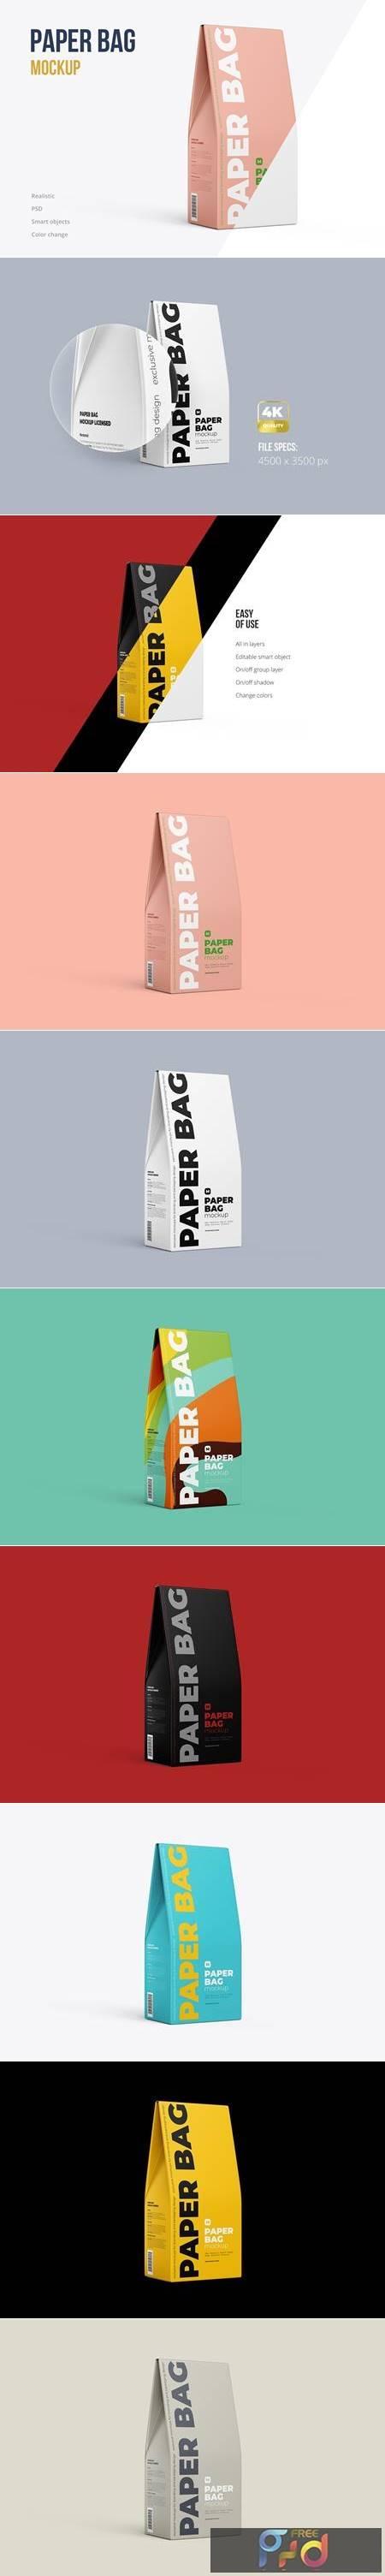 Paper Bag Mockup Half Side view 5225199 1